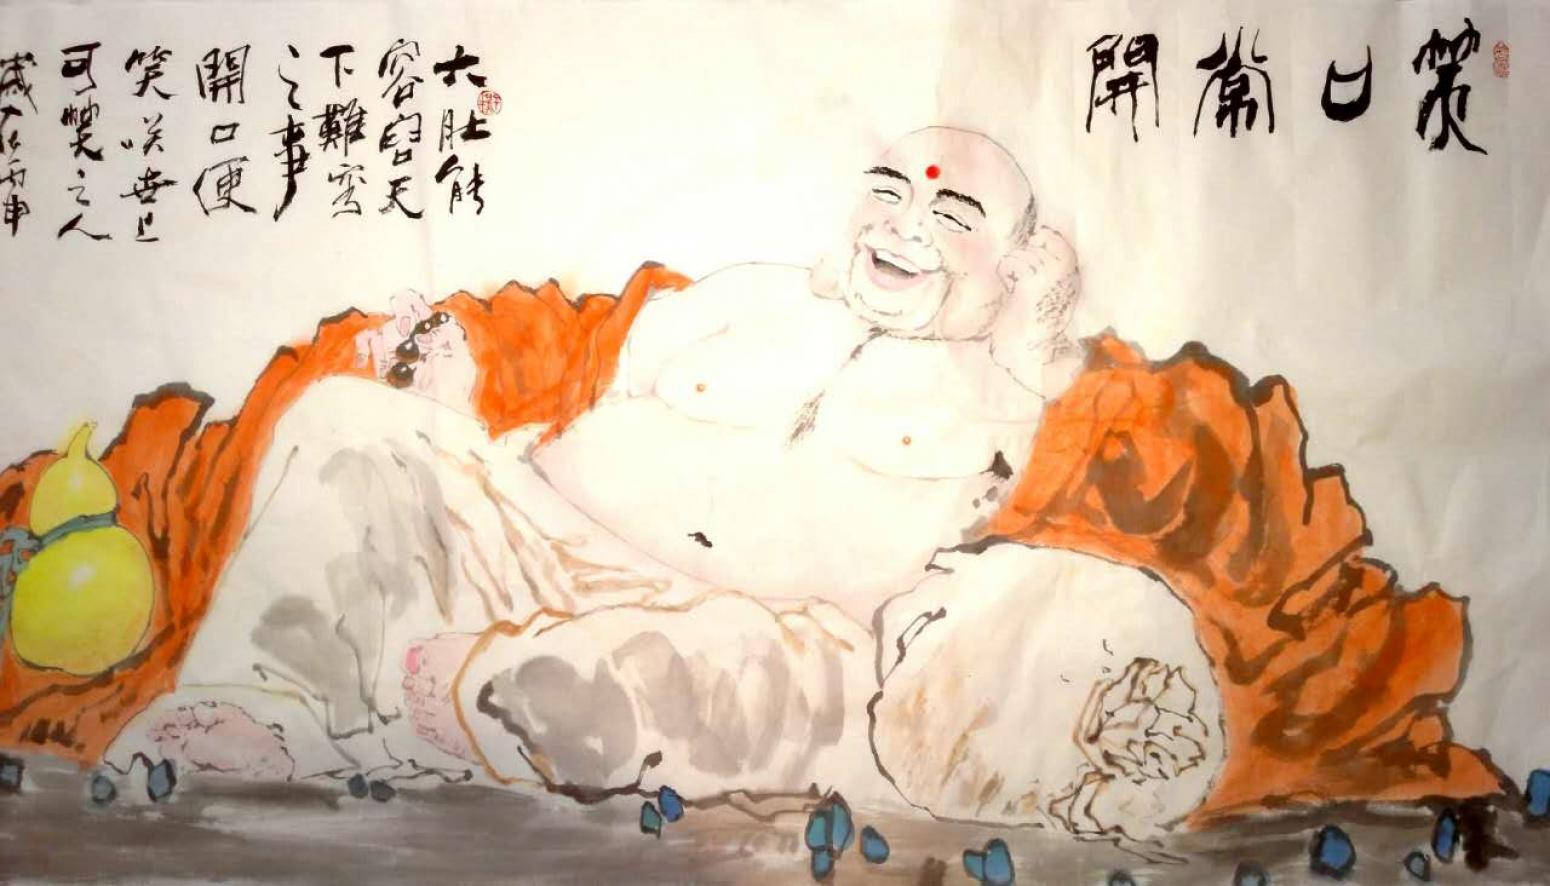 柳子峻国画作品《【笑口常开】作者柳子峻》【图0】